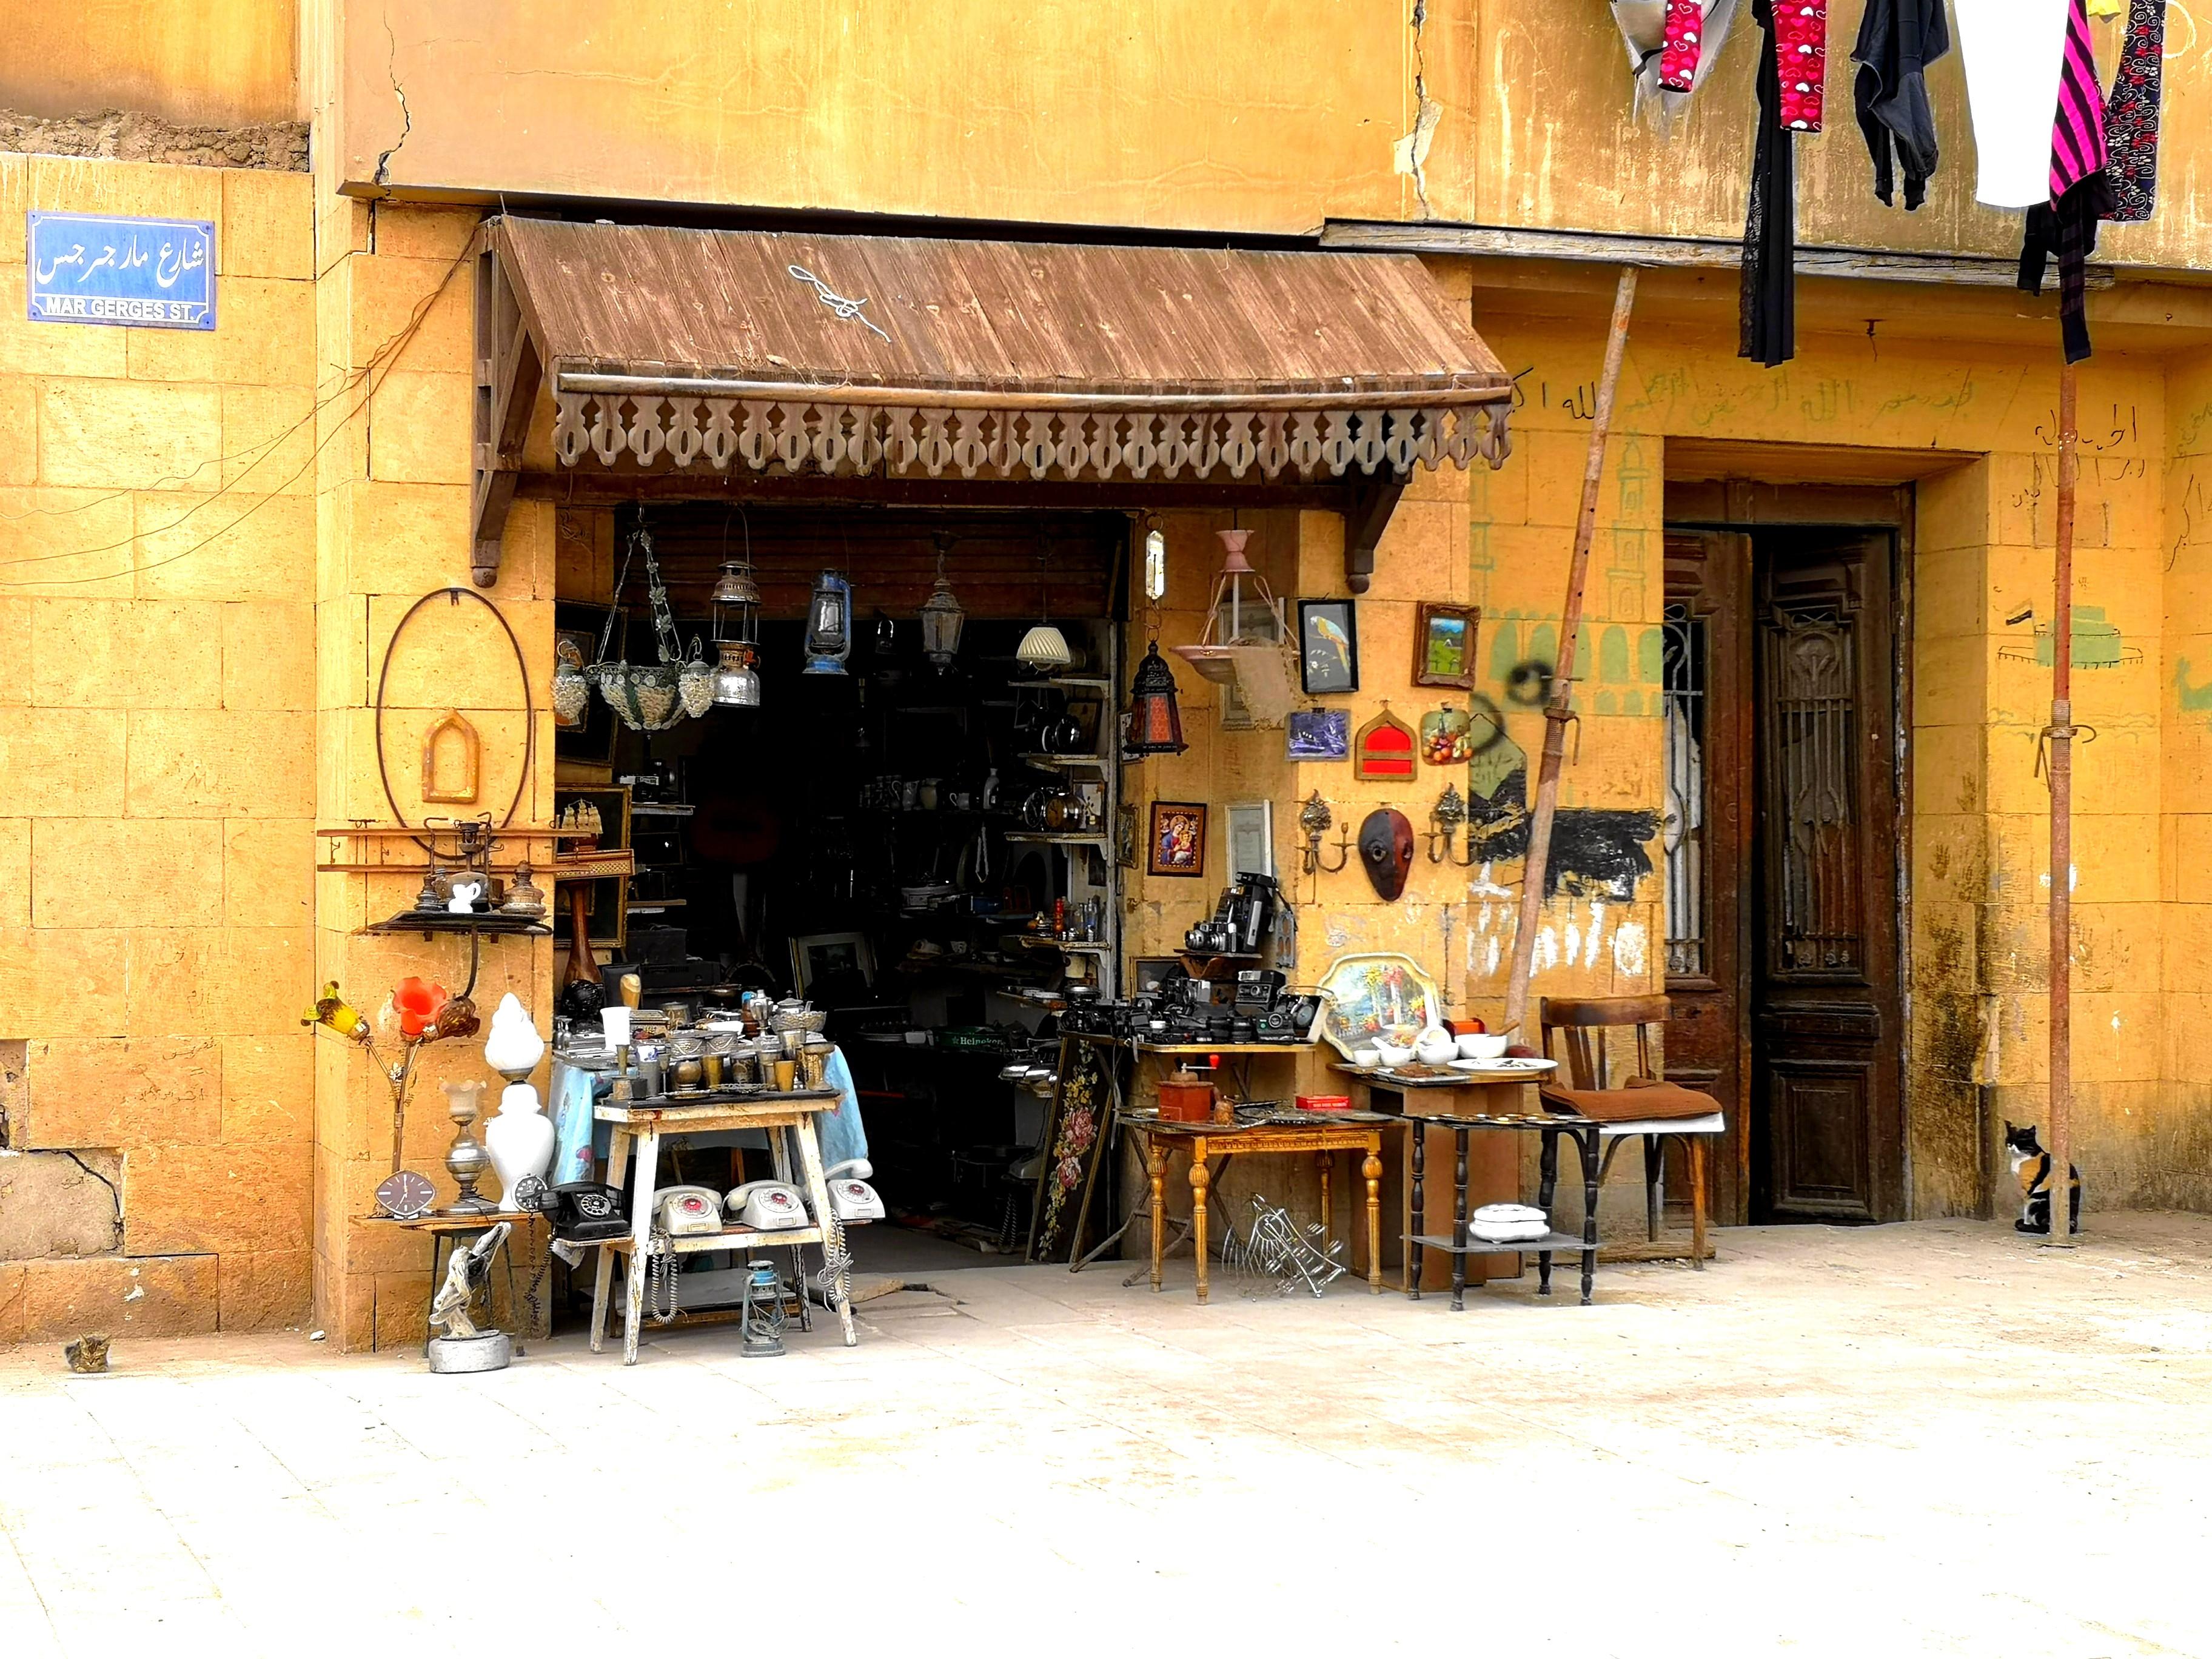 Tiendecita en El Cairo